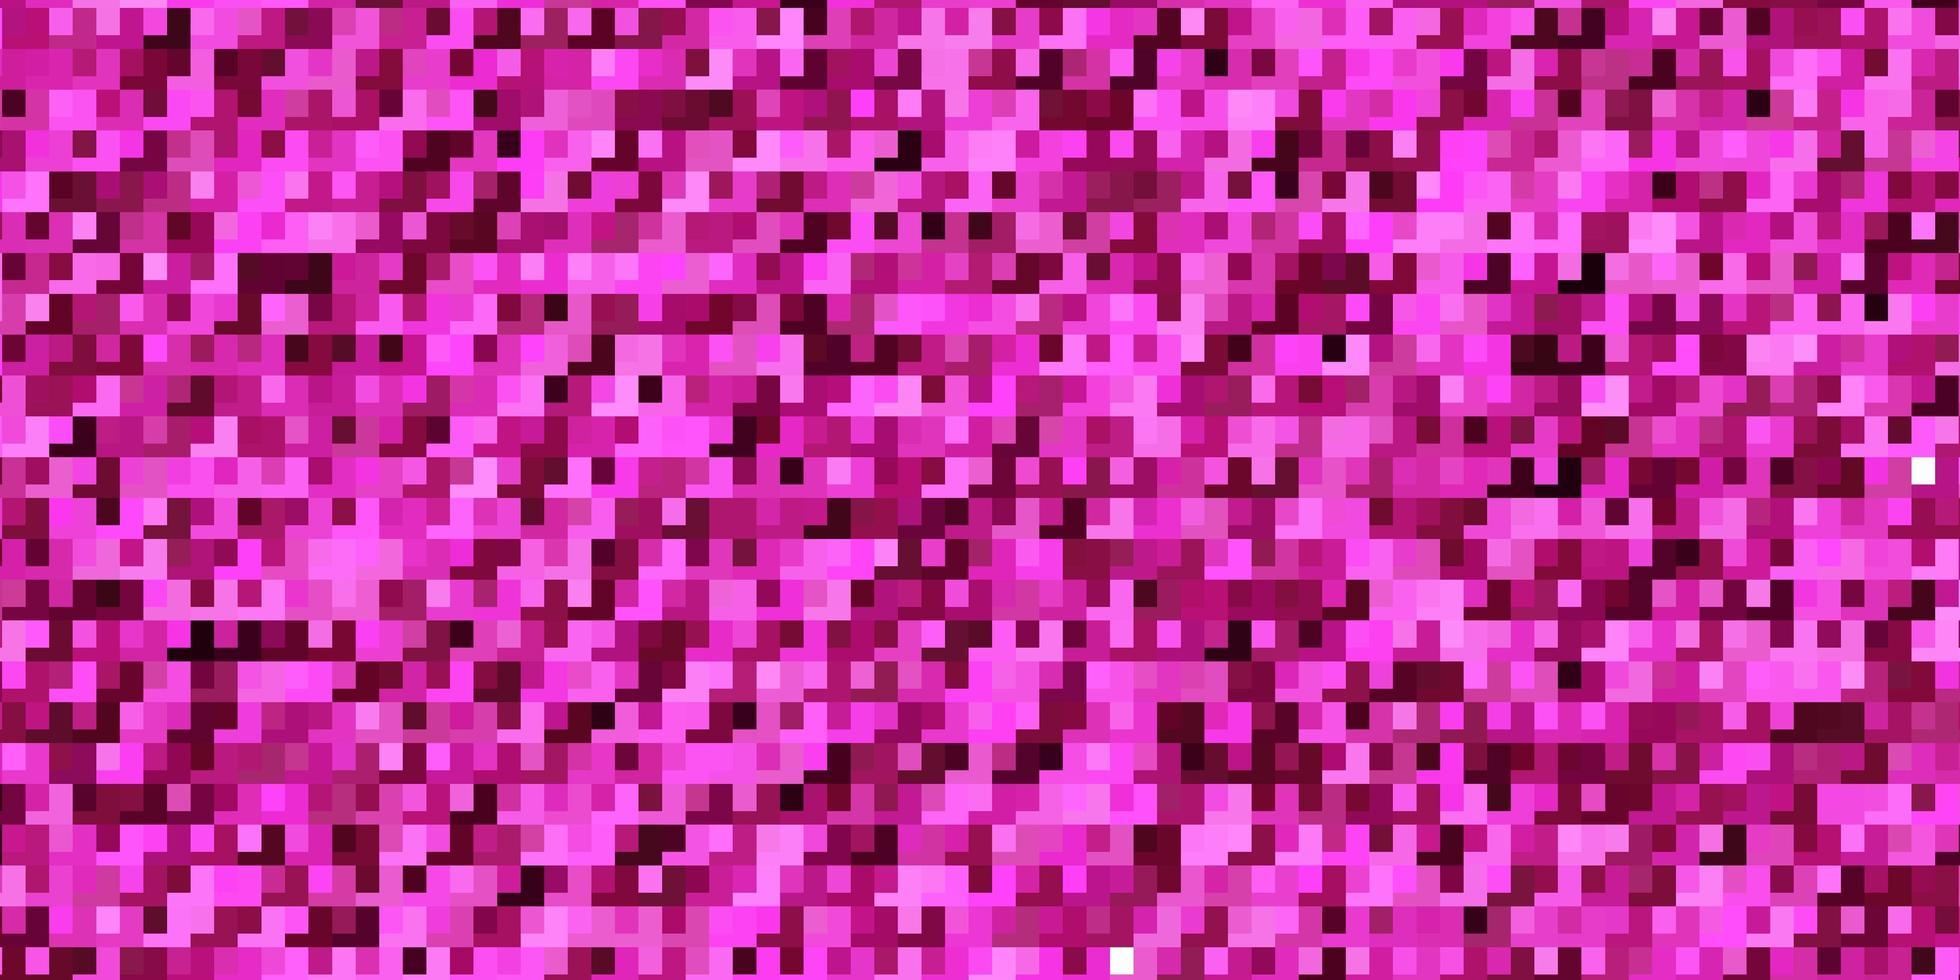 disposition de vecteur rose clair avec des lignes, des rectangles.